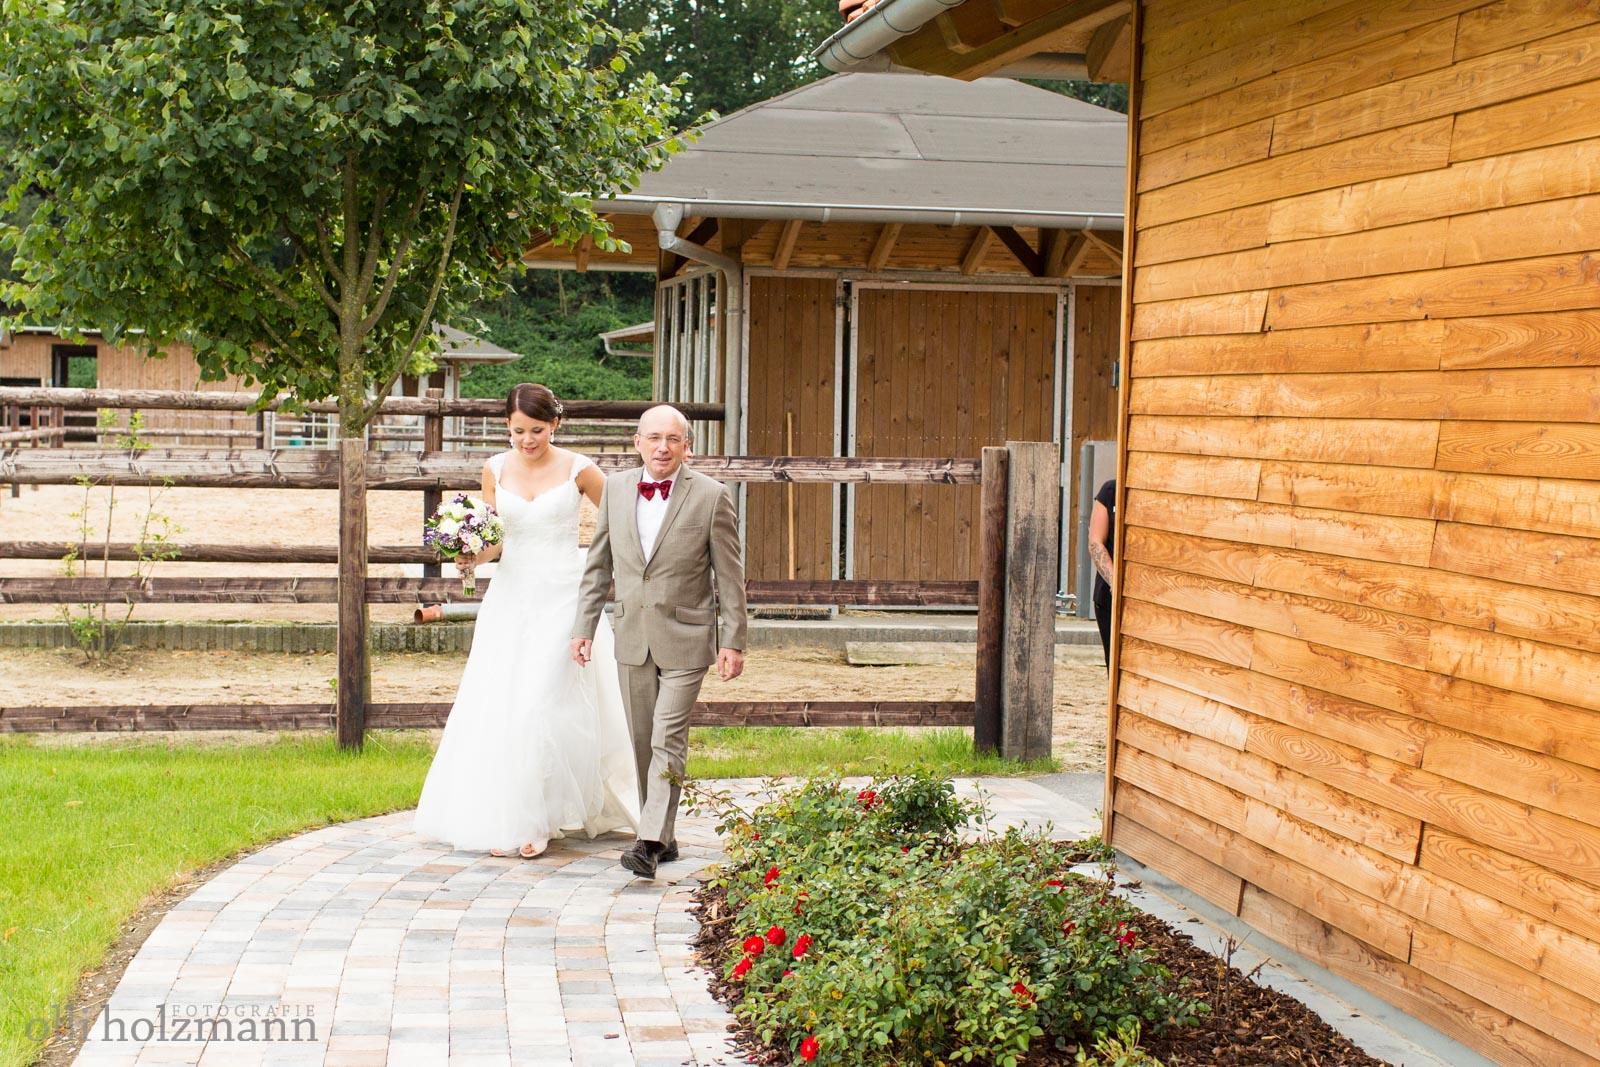 Hochzeitsfotograf_Sonsbeck-40.jpg